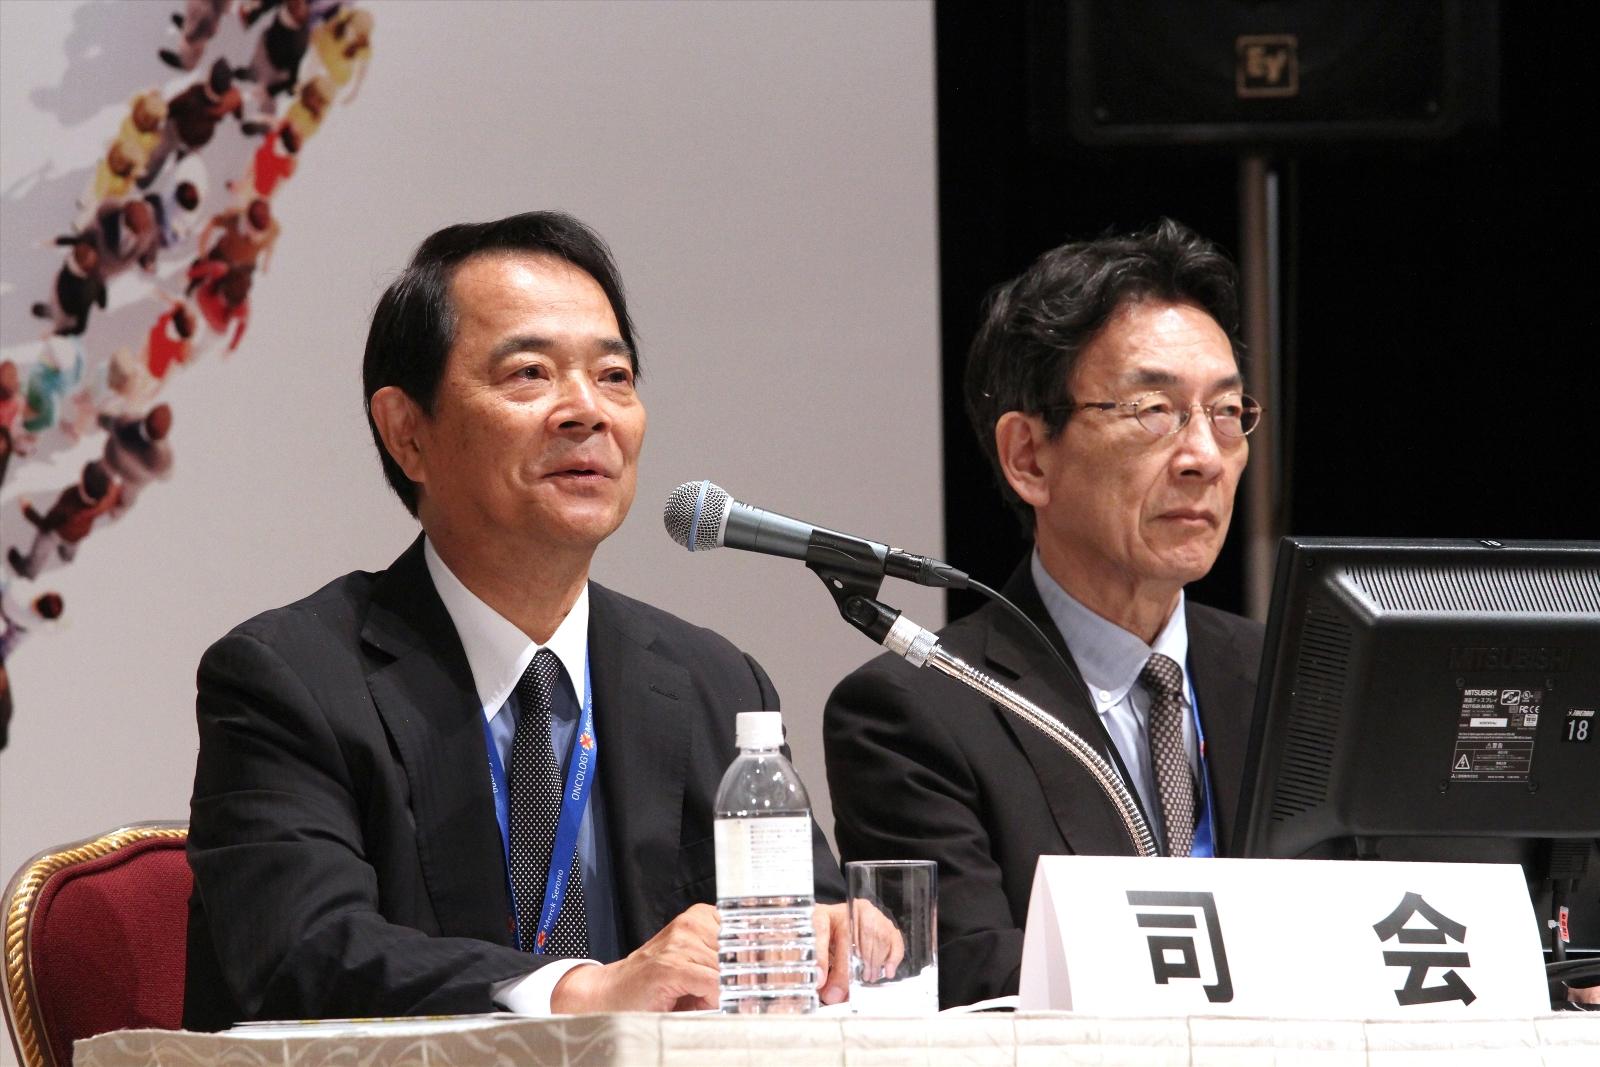 第15回日本臨床腫瘍学会学術集会5